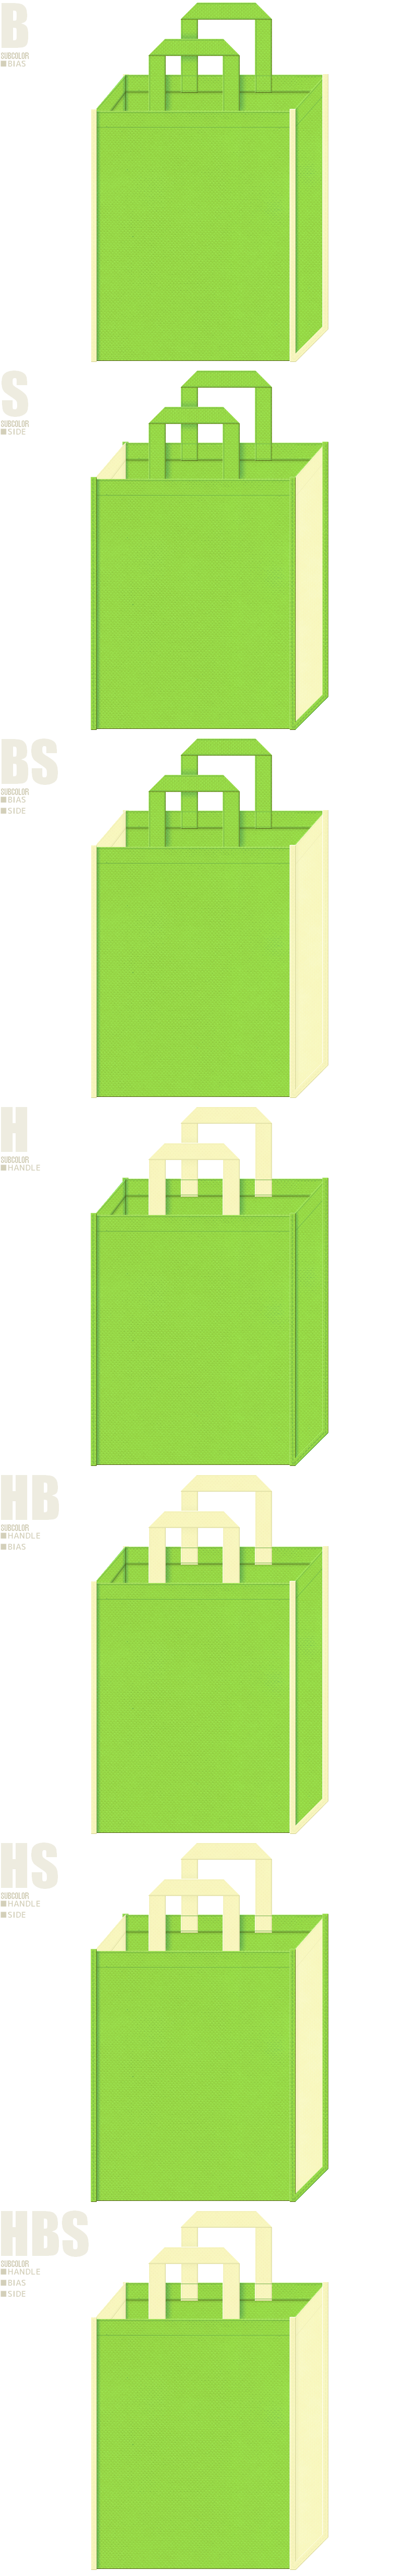 エコバッグ・小鳥・インコ・おとぎ話・絵本の展覧会用バッグにお奨めの不織布バッグデザイン:黄緑色と薄黄色の不織布バッグ配色7パターン。